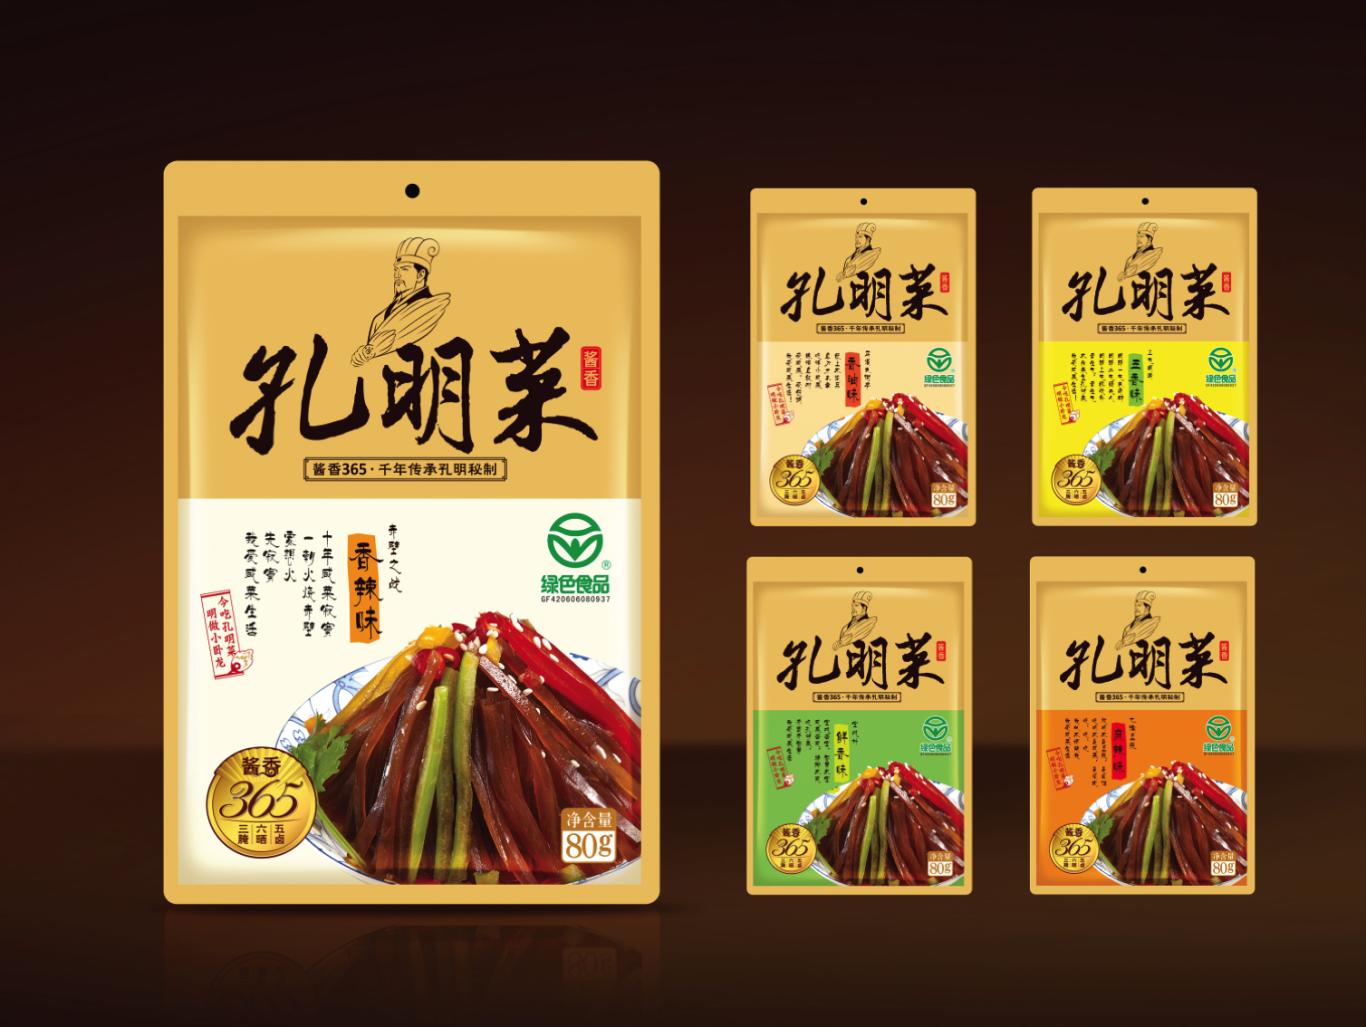 襄阳孔明菜系列产品包装设计图10